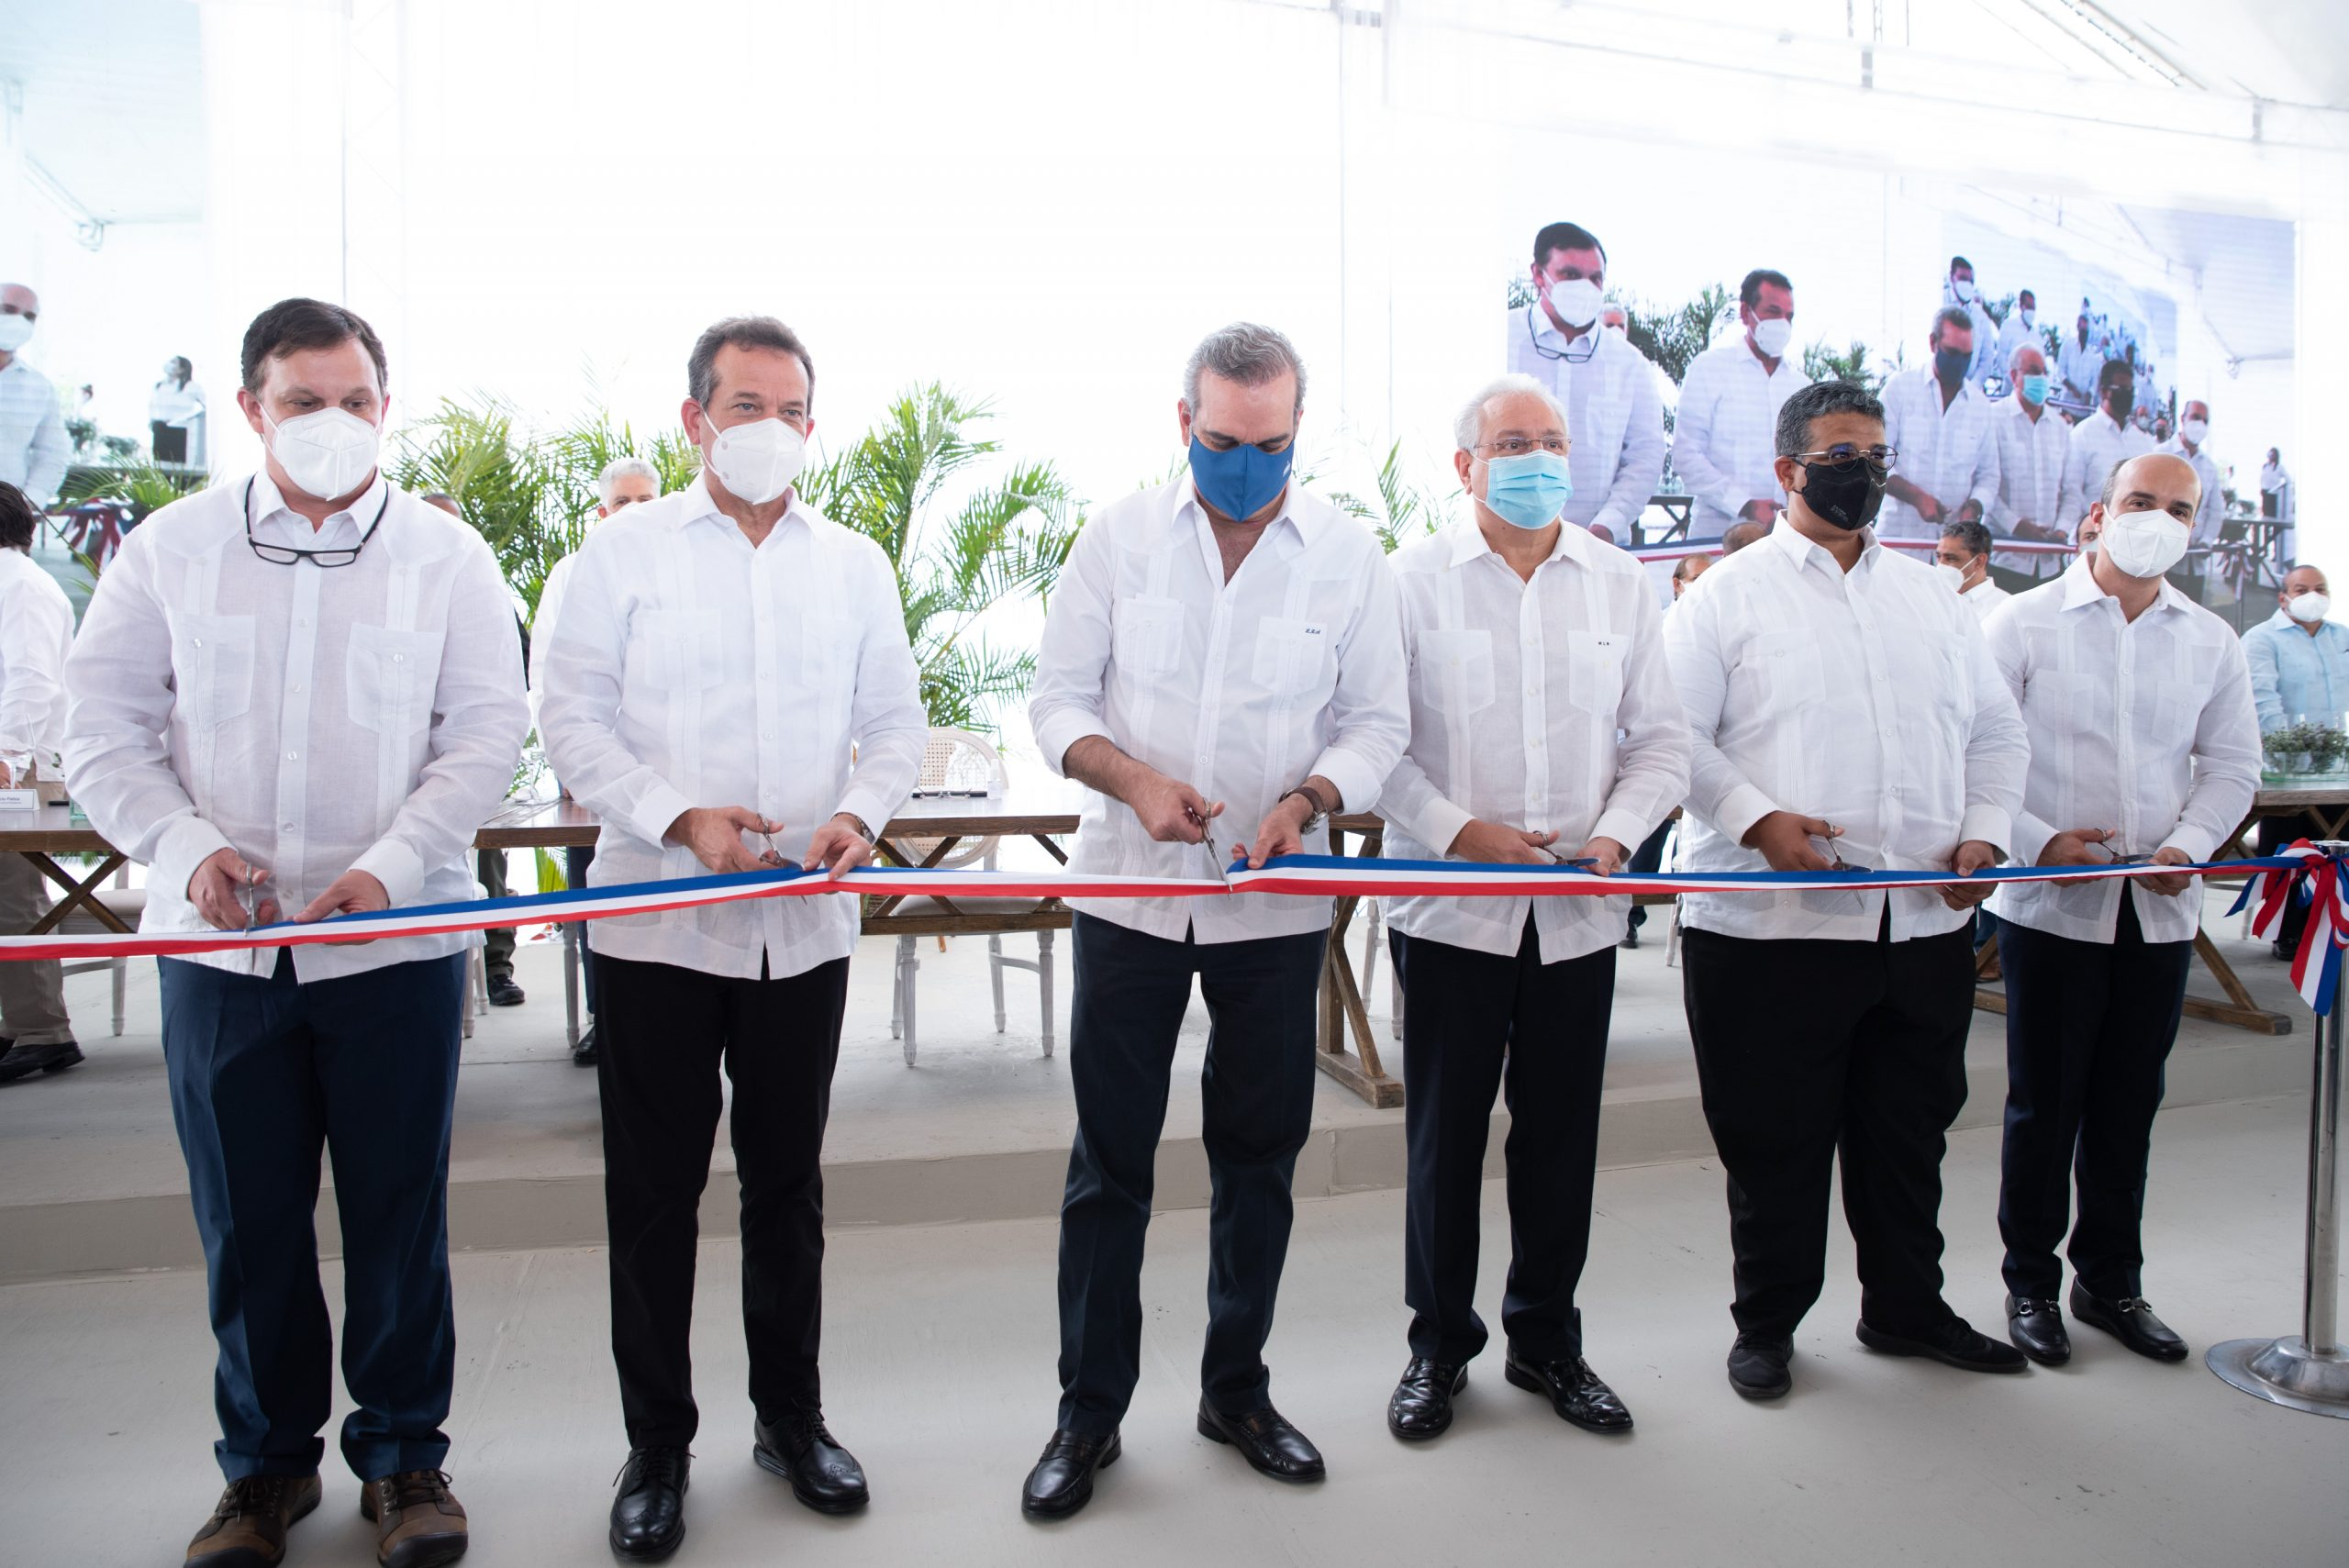 Corporación Zona Franca Santiago anuncia nuevos proyectos de su Máster Plan, que crearán 10 mil nuevos empleos